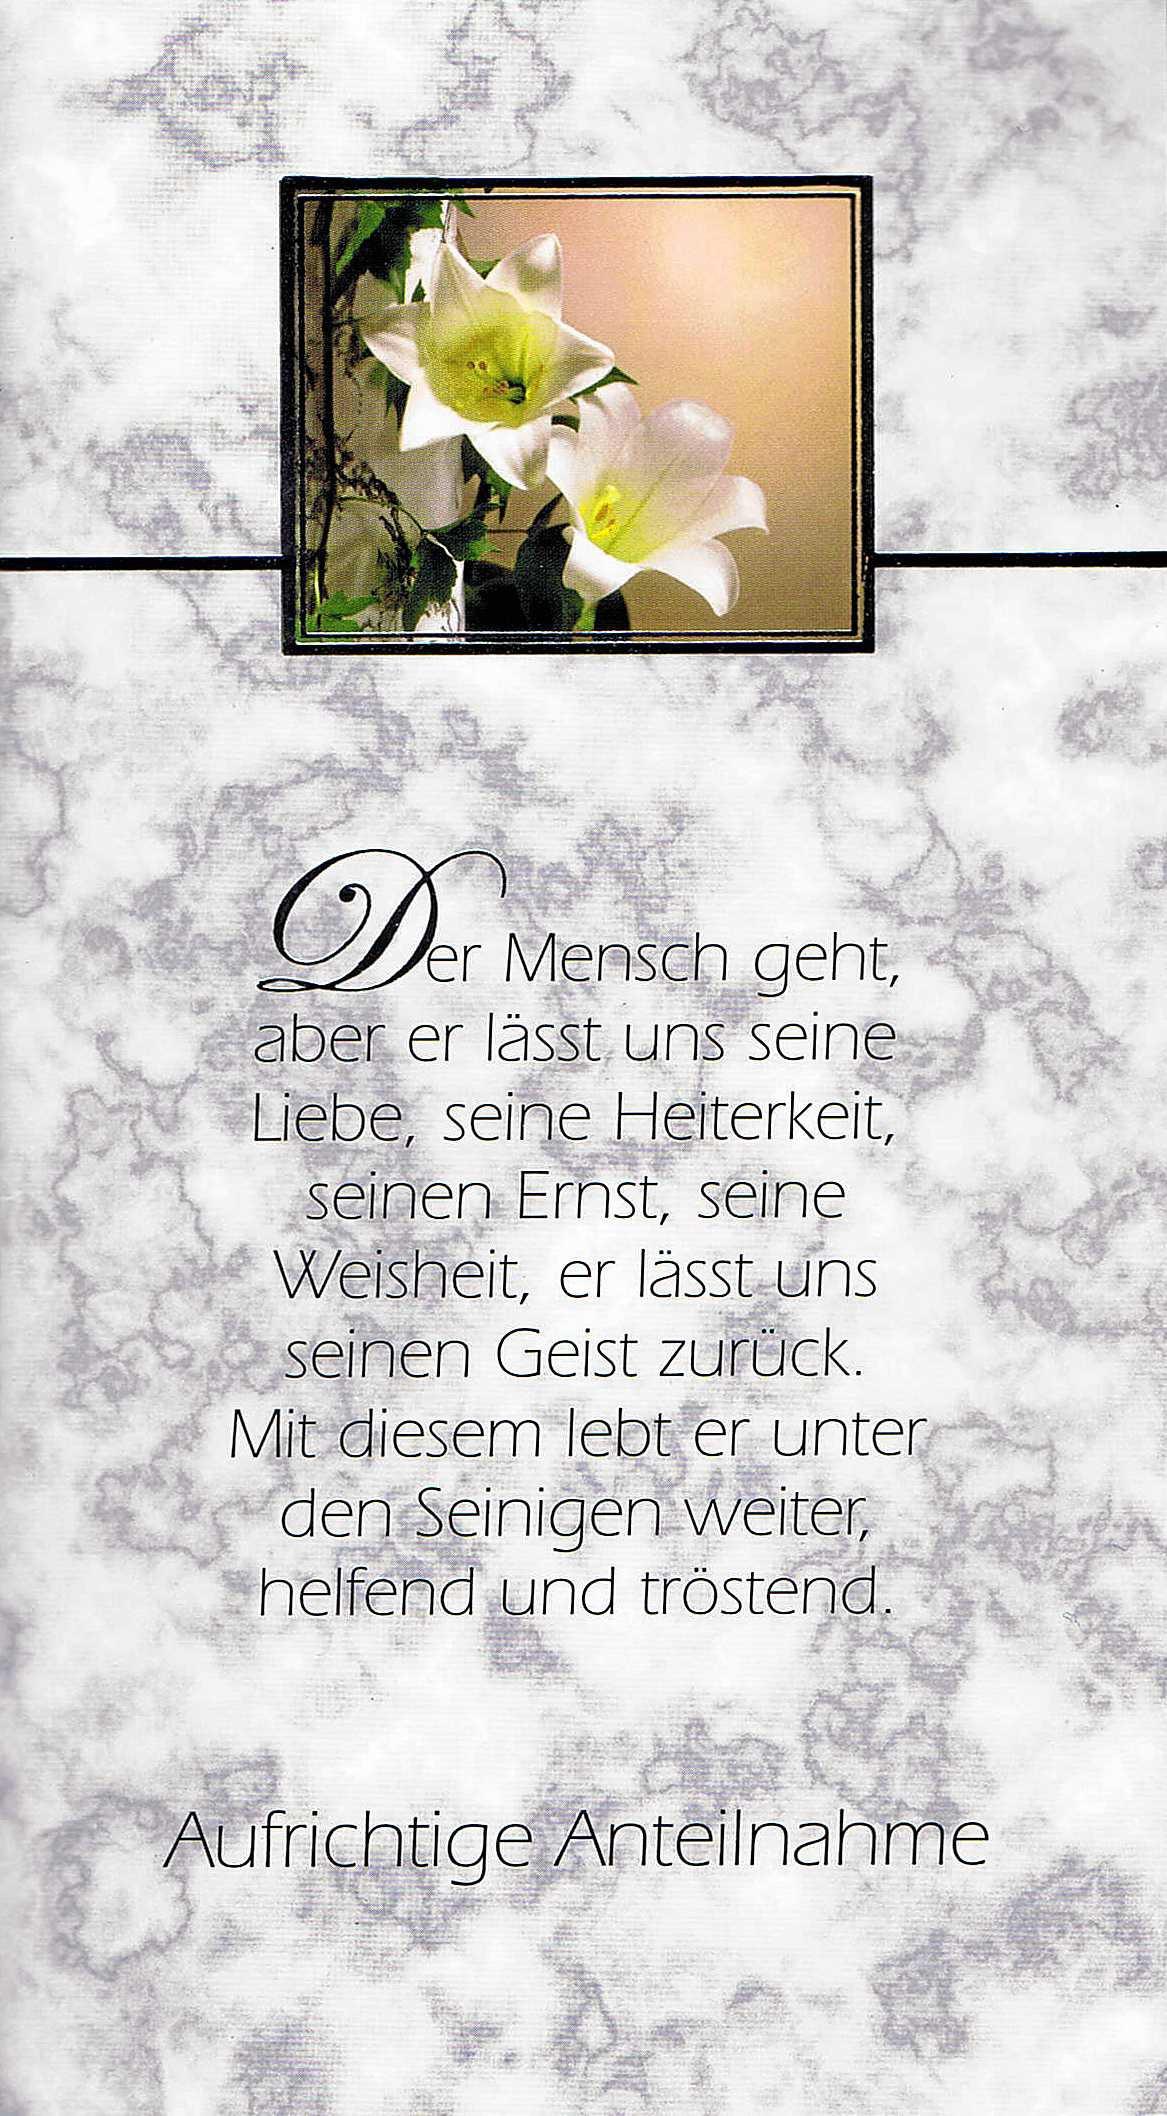 Beileidswunsche Fur Karten: Trauerkarte Mit Vers, Trauer, Aufrichtige Anteilnahme